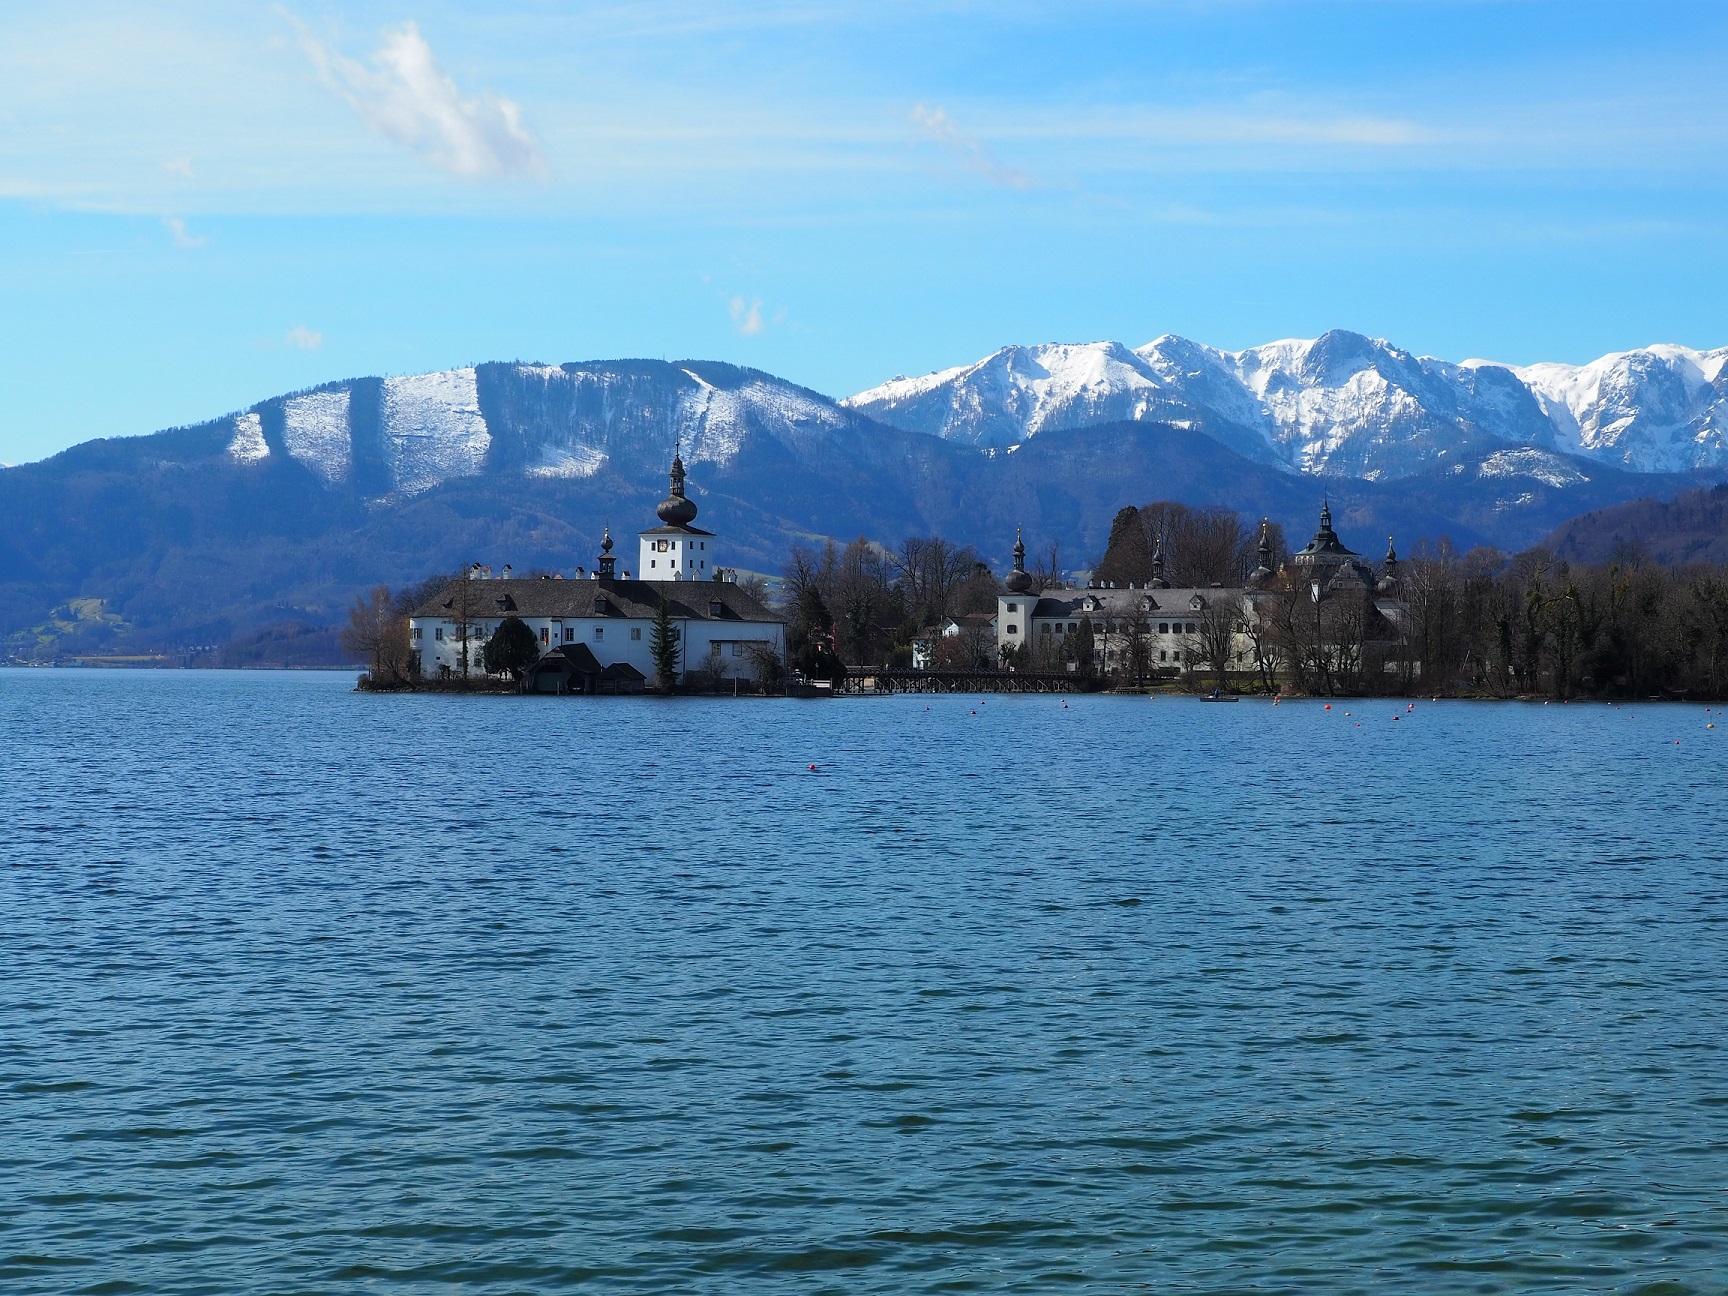 Le château de Gmunden, la Traunsee et les montagnes alentours